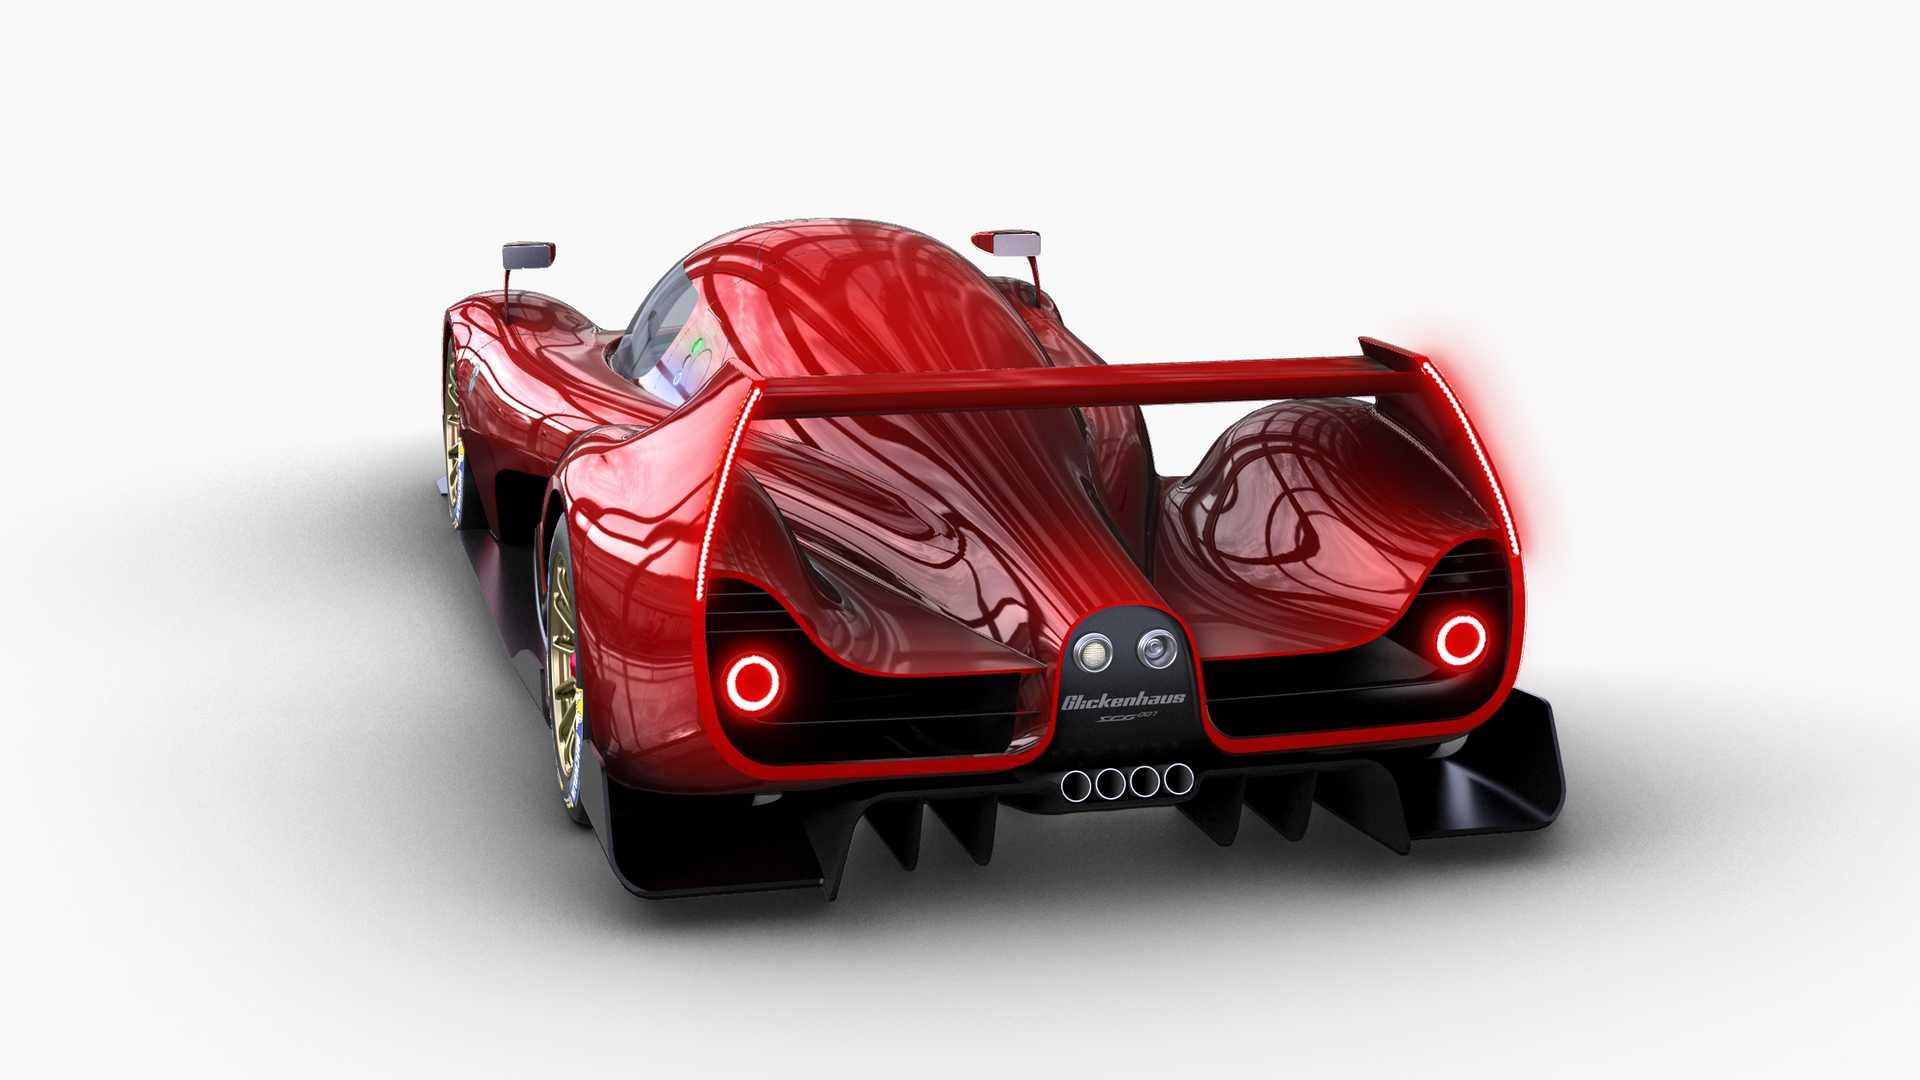 Новый гиперкар SCG 007C получит мощный мотор Twin-Turbo V8